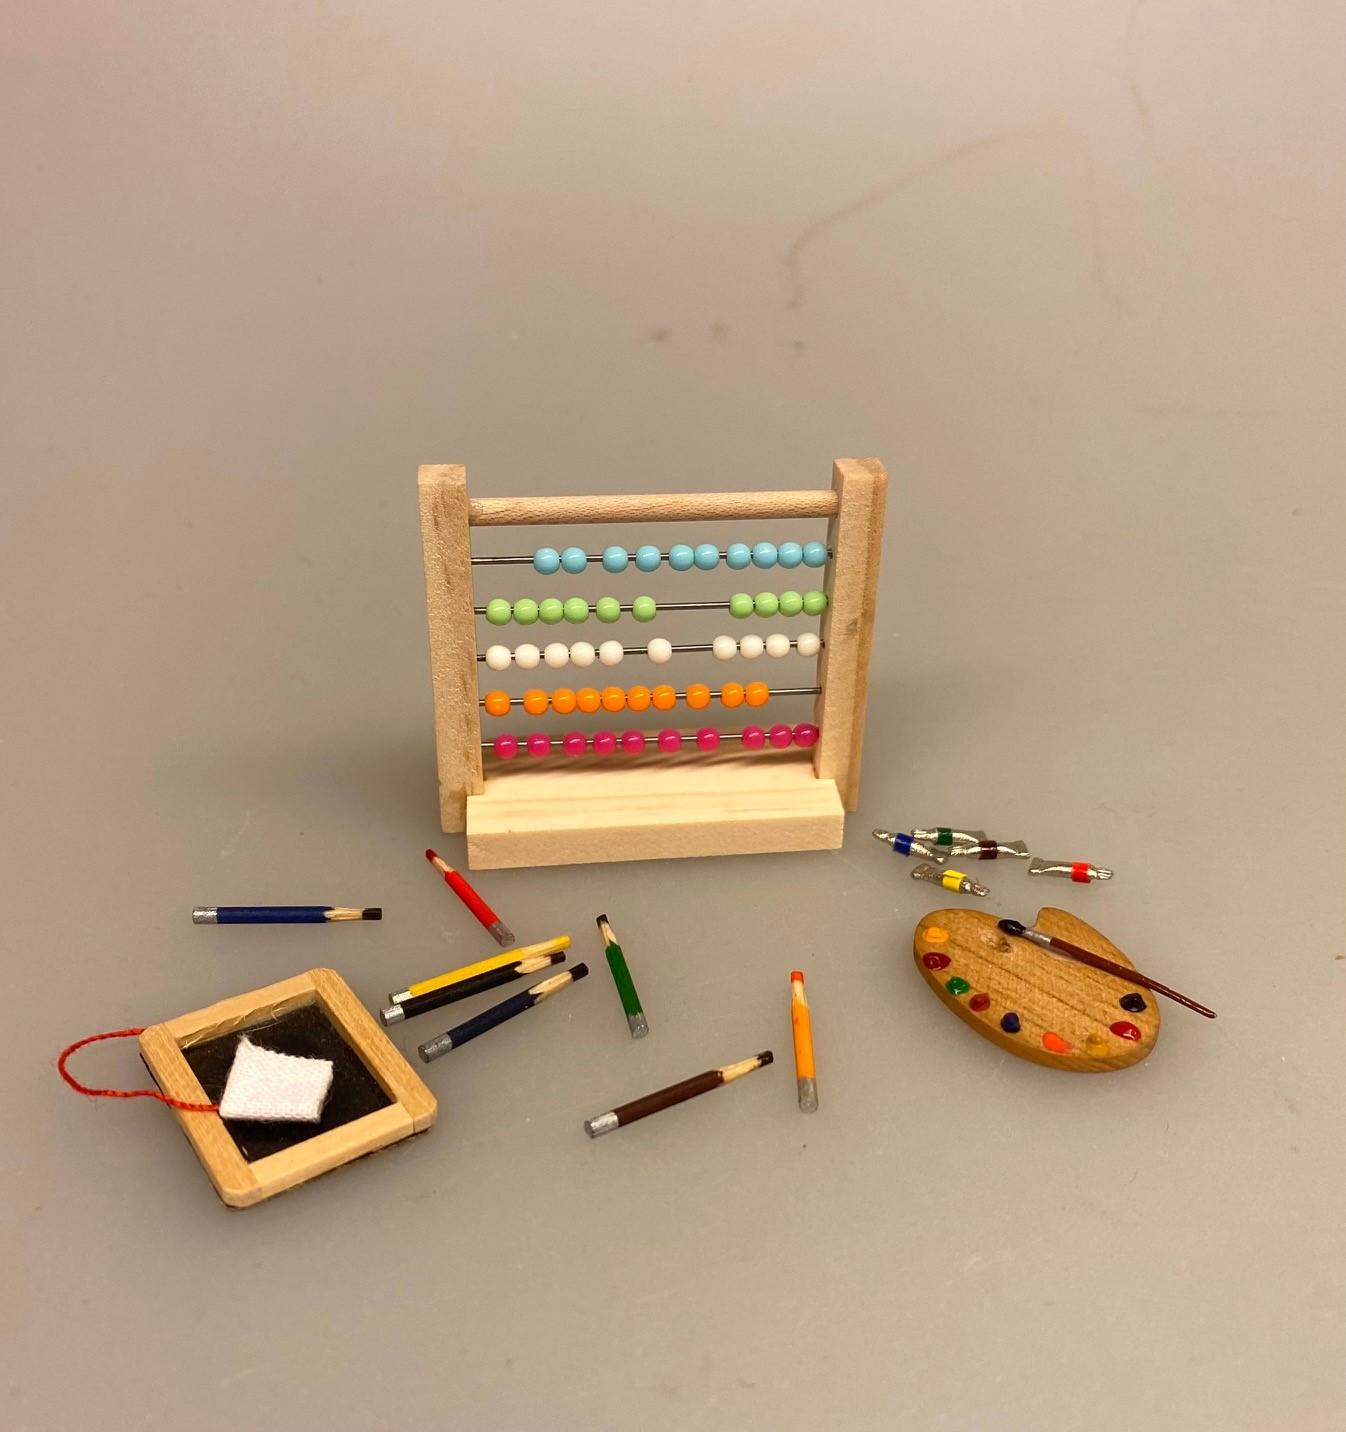 Miniature Kugleramme, abacus, lommeregner, regning, algebra, matematik, matematiklærer, skole, nyuddannet, færdig, børn, skole, skolebarn, skolestart, miniature, sangskjuler, symbolsk, gaveide, gavekort, biti, dukkehus, børneværelset, dukkehusting, dukkehus, tilbehør, 1:12,